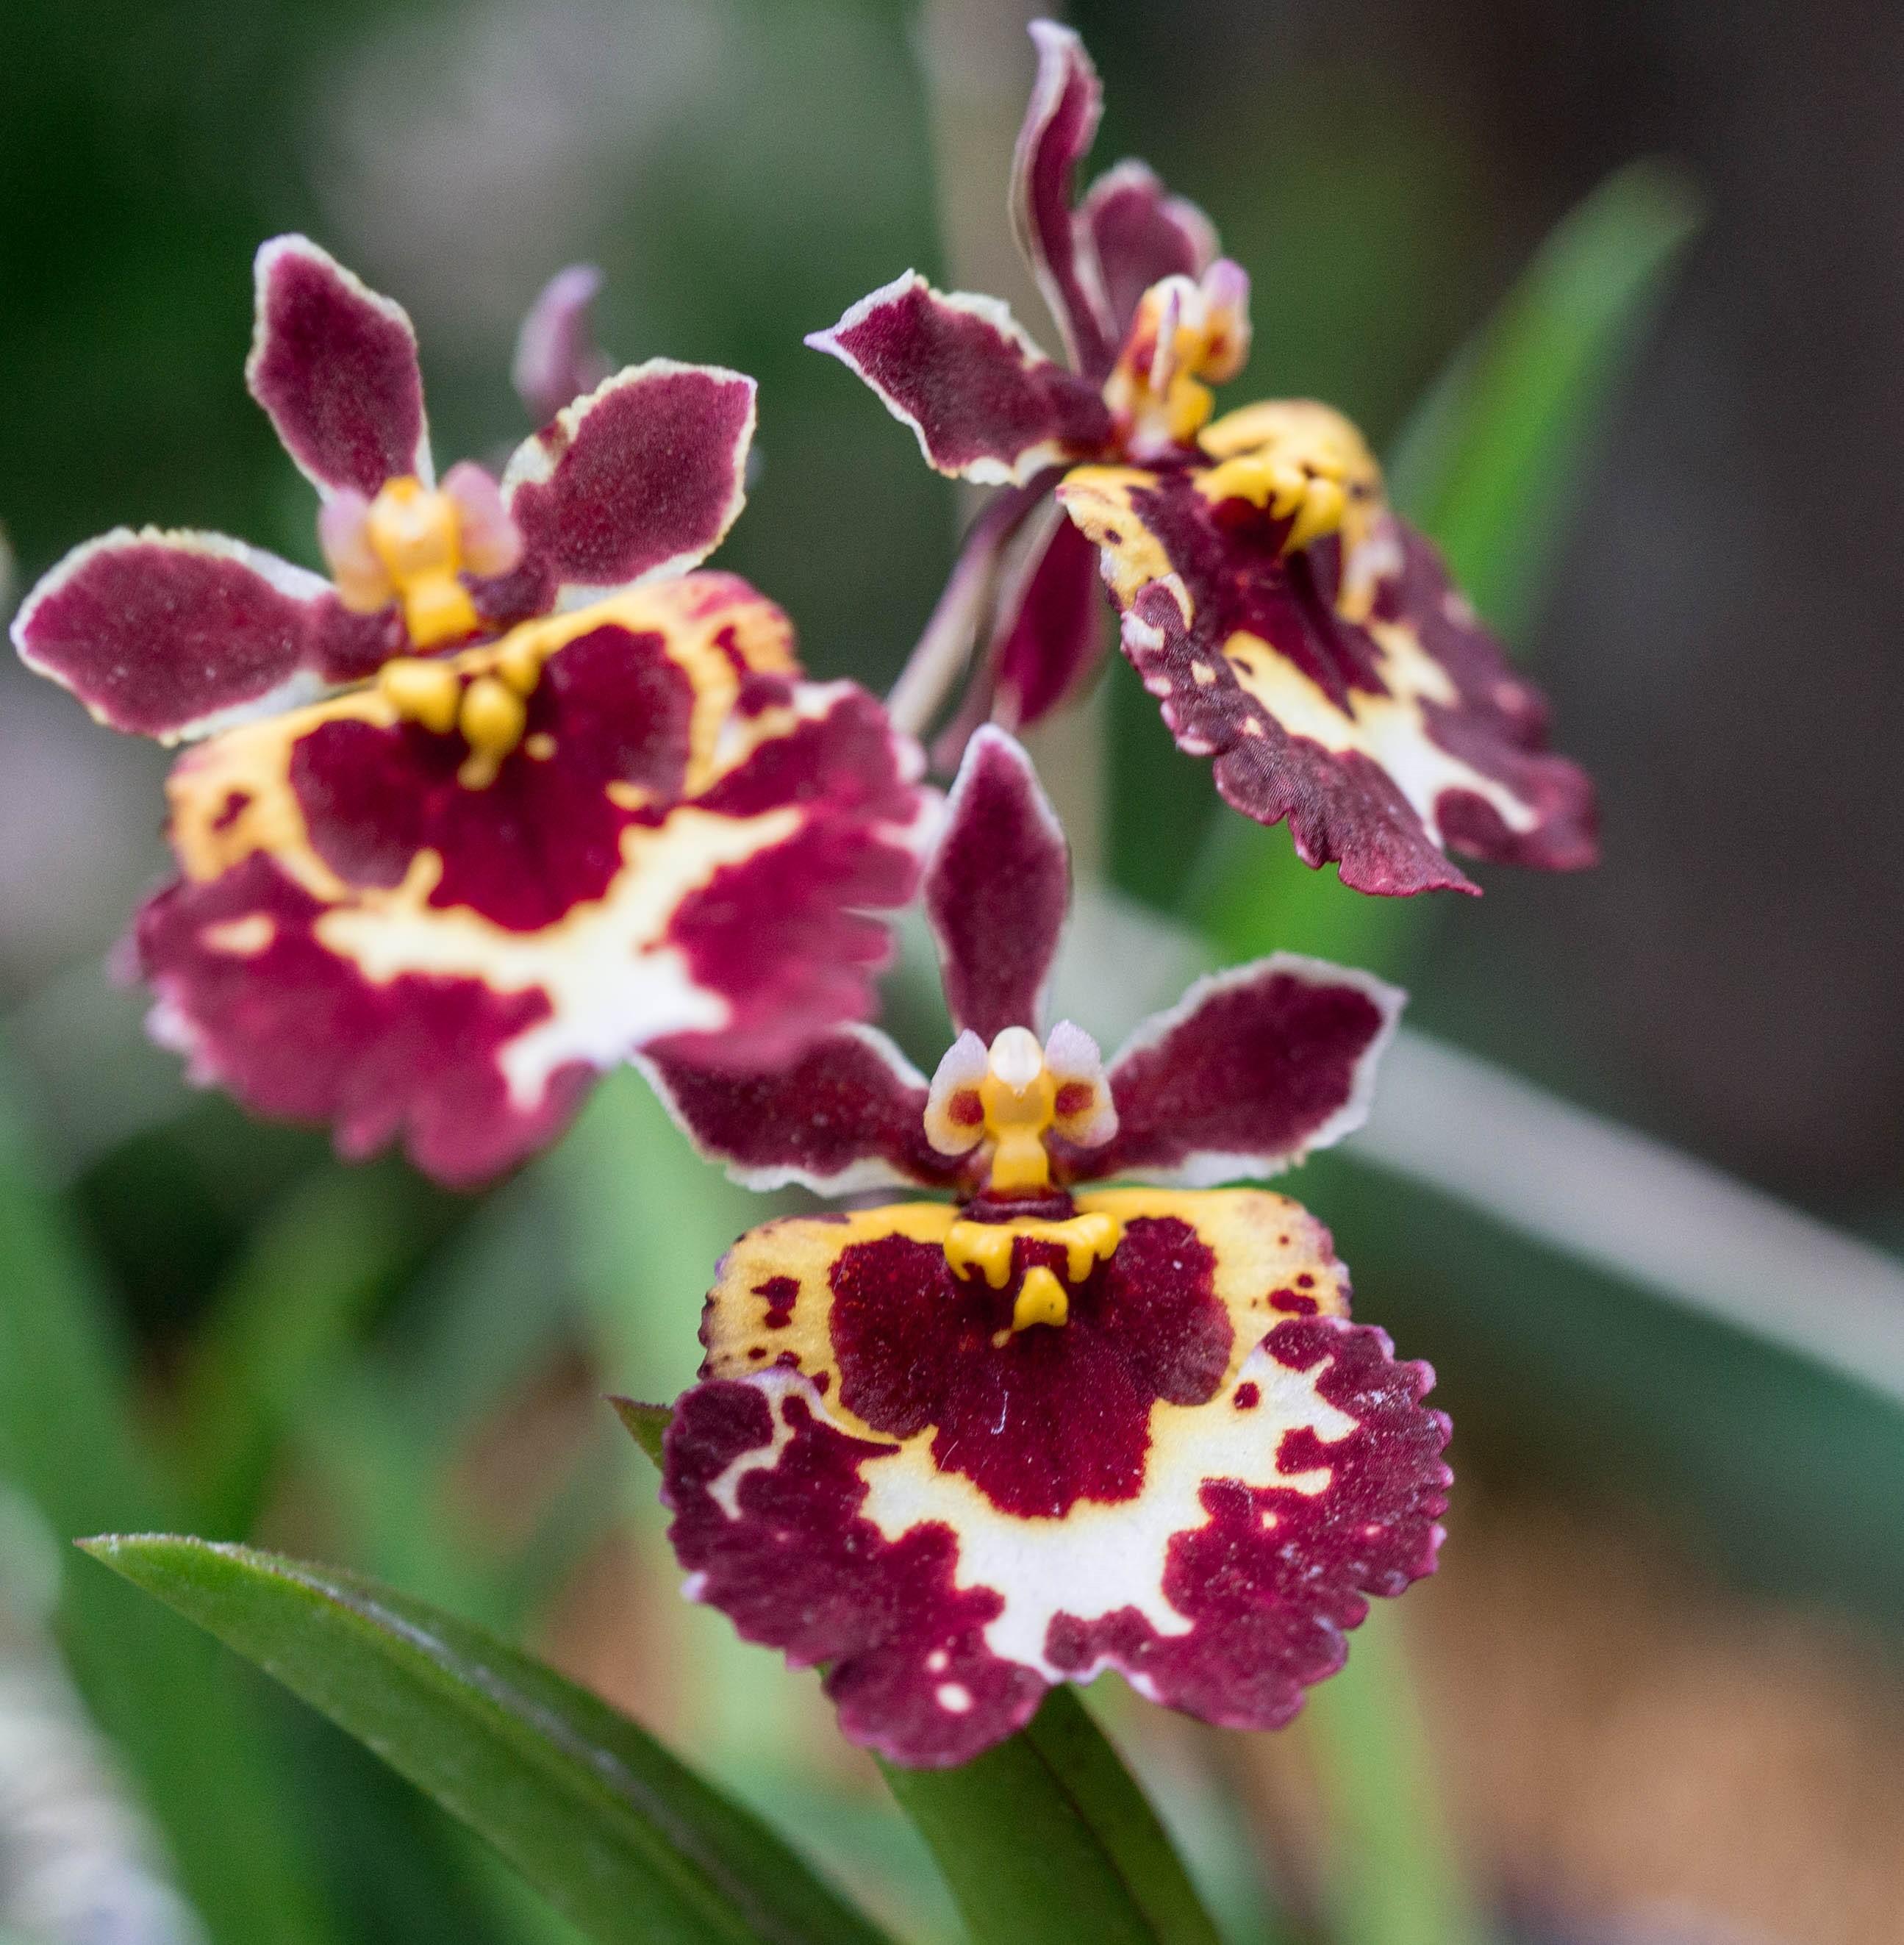 Flor de orquidea tolumnbia roja , tres flores con manchas blancas y rojo vino